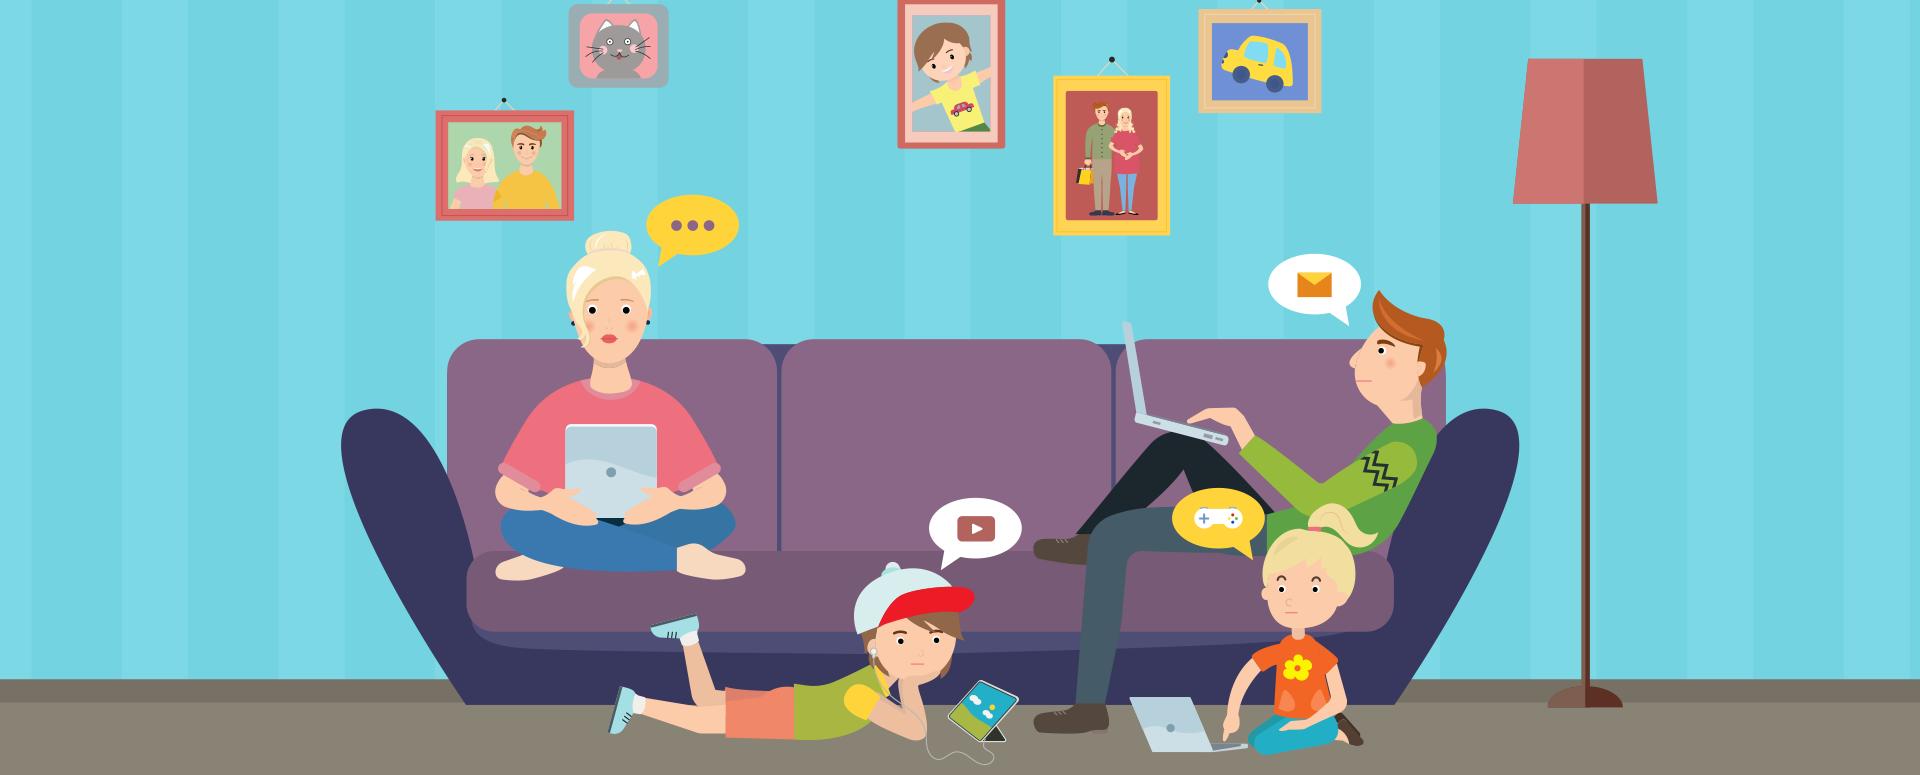 Rodzice w social mediach, jak nakłonić ich do zakupu produktów